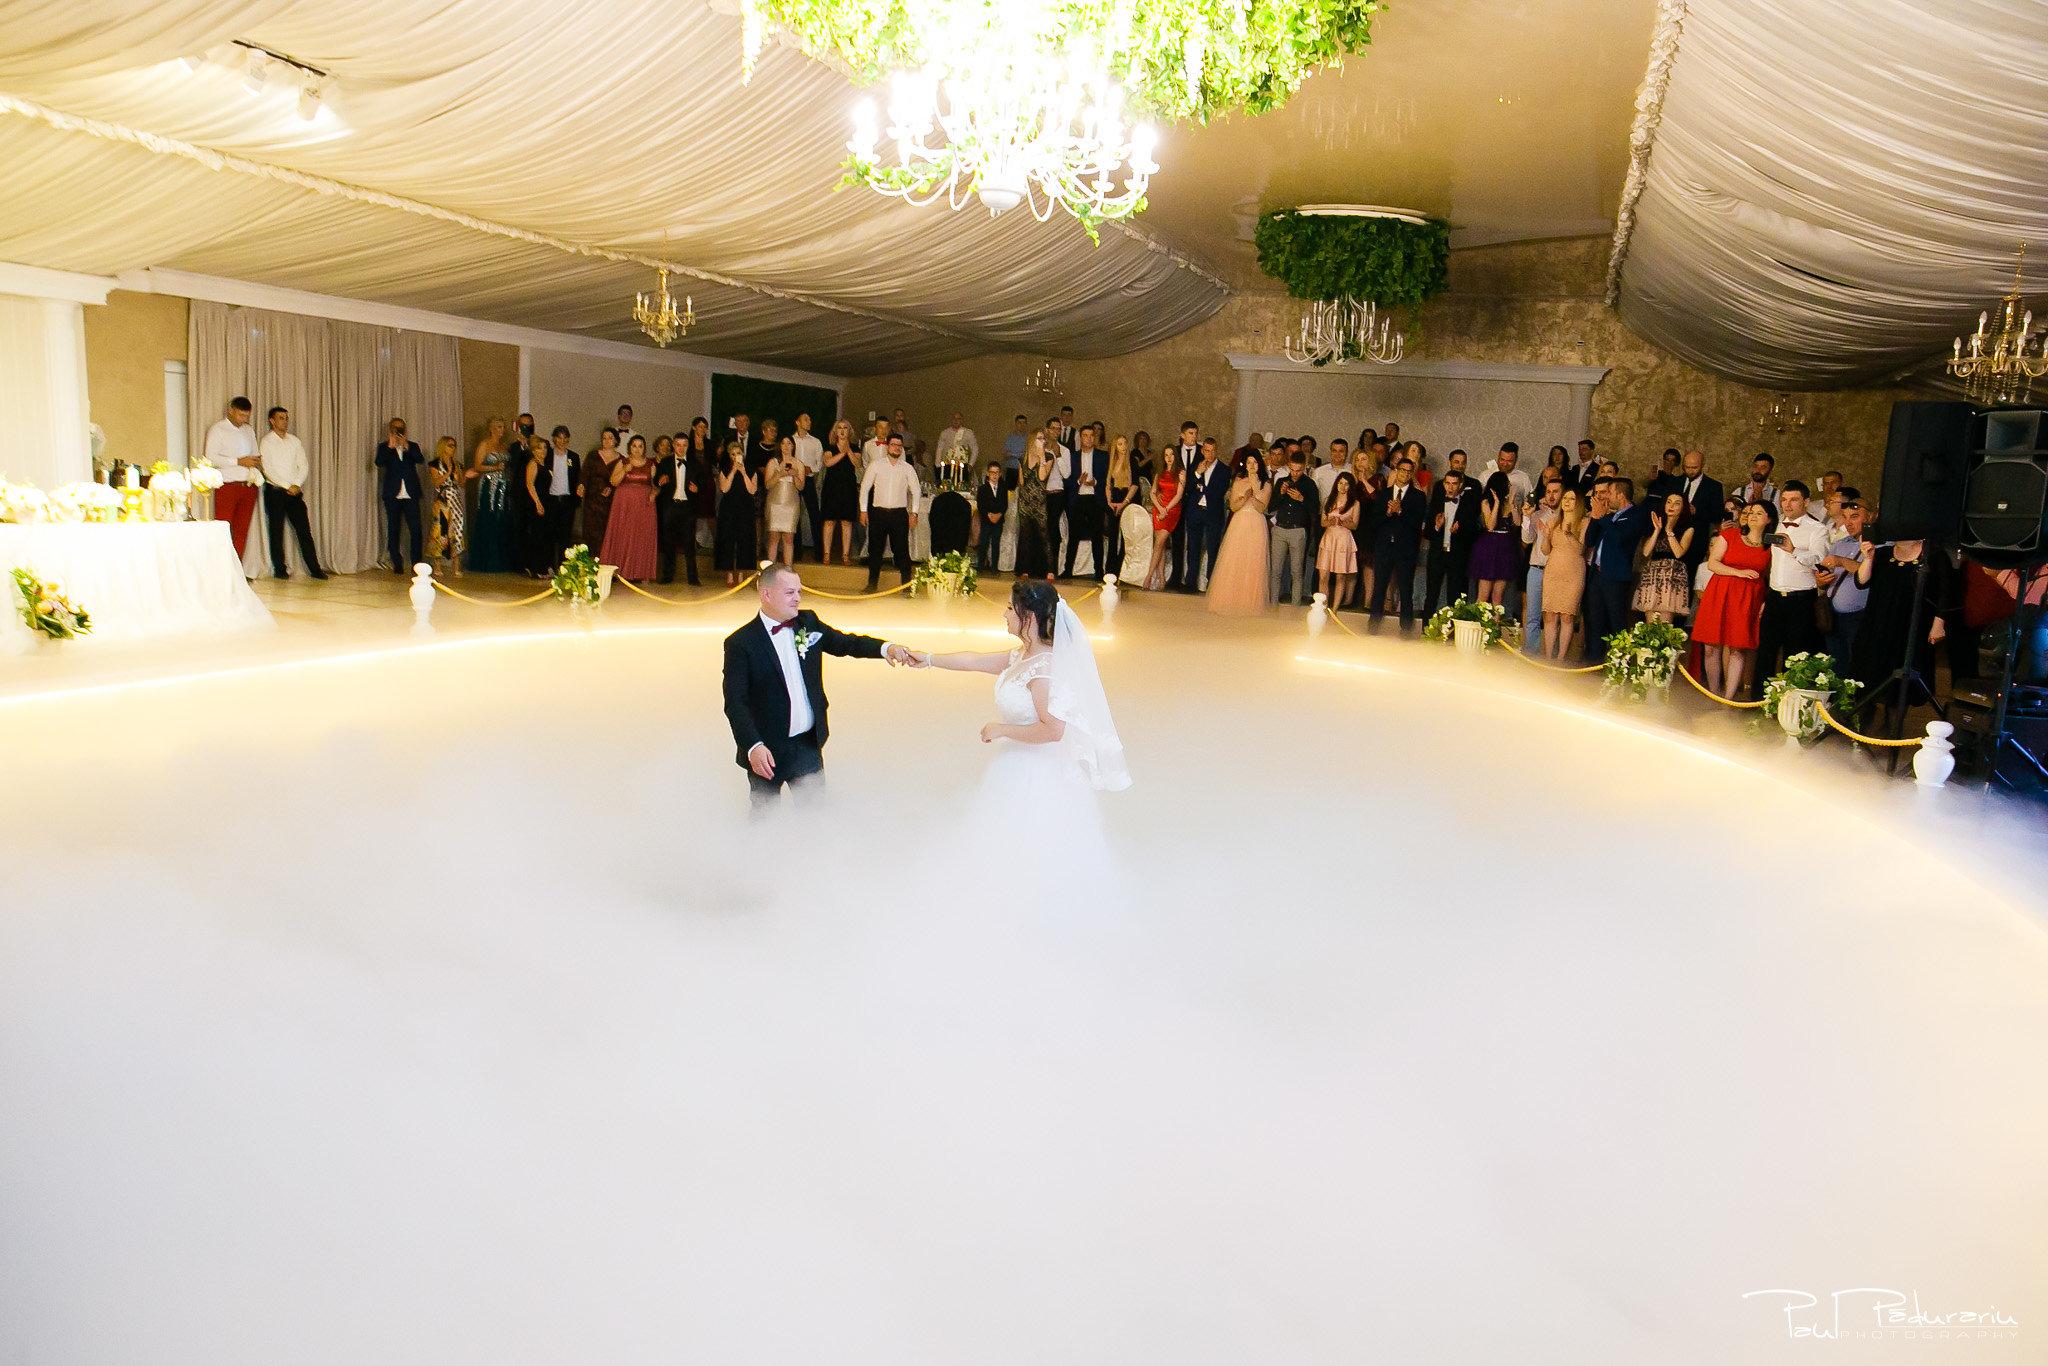 Dansul mirilor Ana-Maria și Marius nunta La Castel Iasi fotograf profesionist www.paulpadurariu.ro © 2018 Paul Padurariu 2